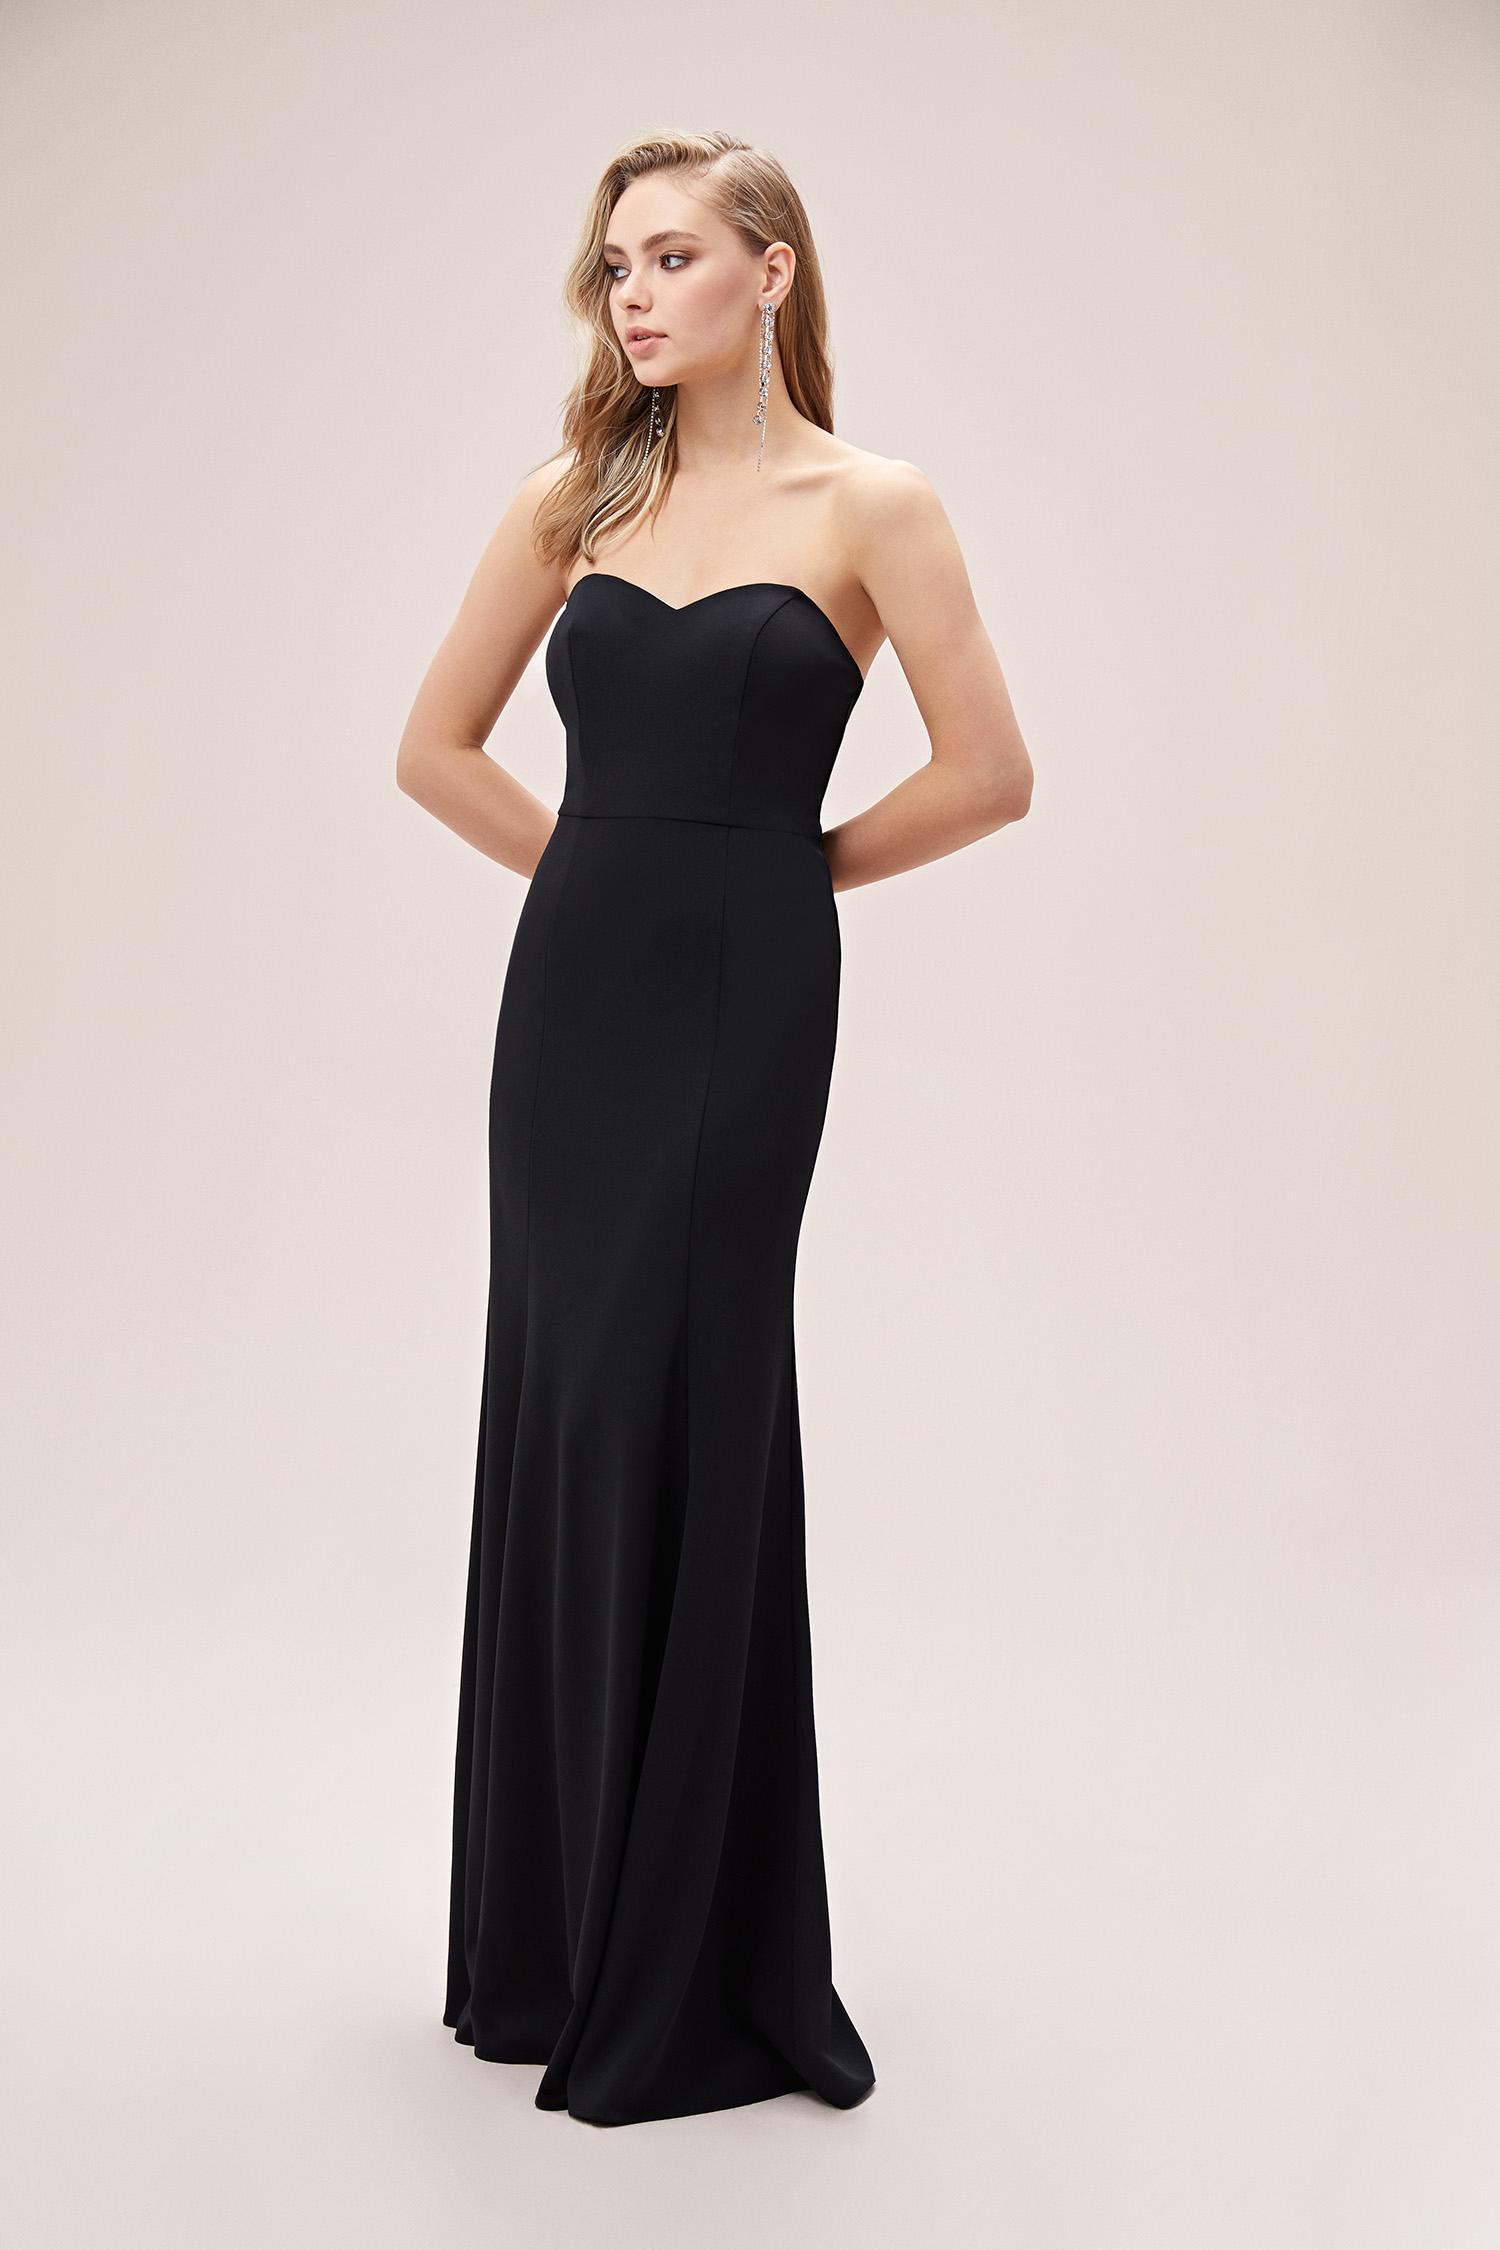 Siyah Straplez Uzun Krep Abiye Elbise - Thumbnail